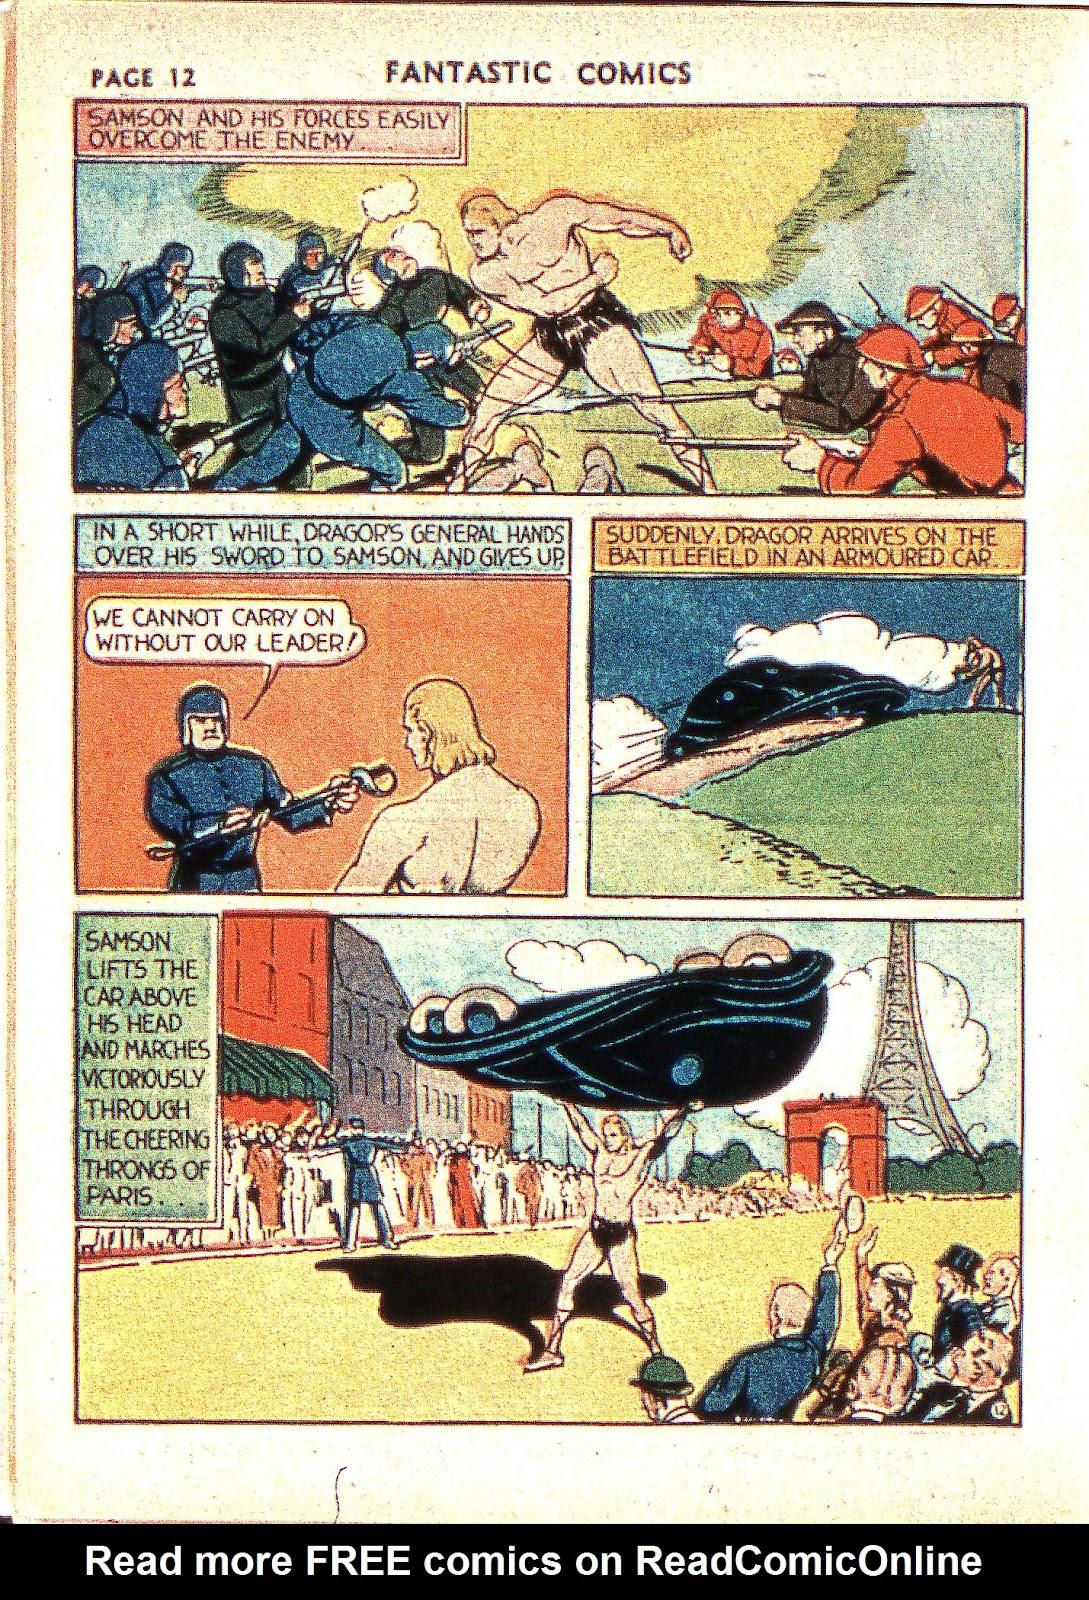 Read online Fantastic Comics comic -  Issue #2 - 14